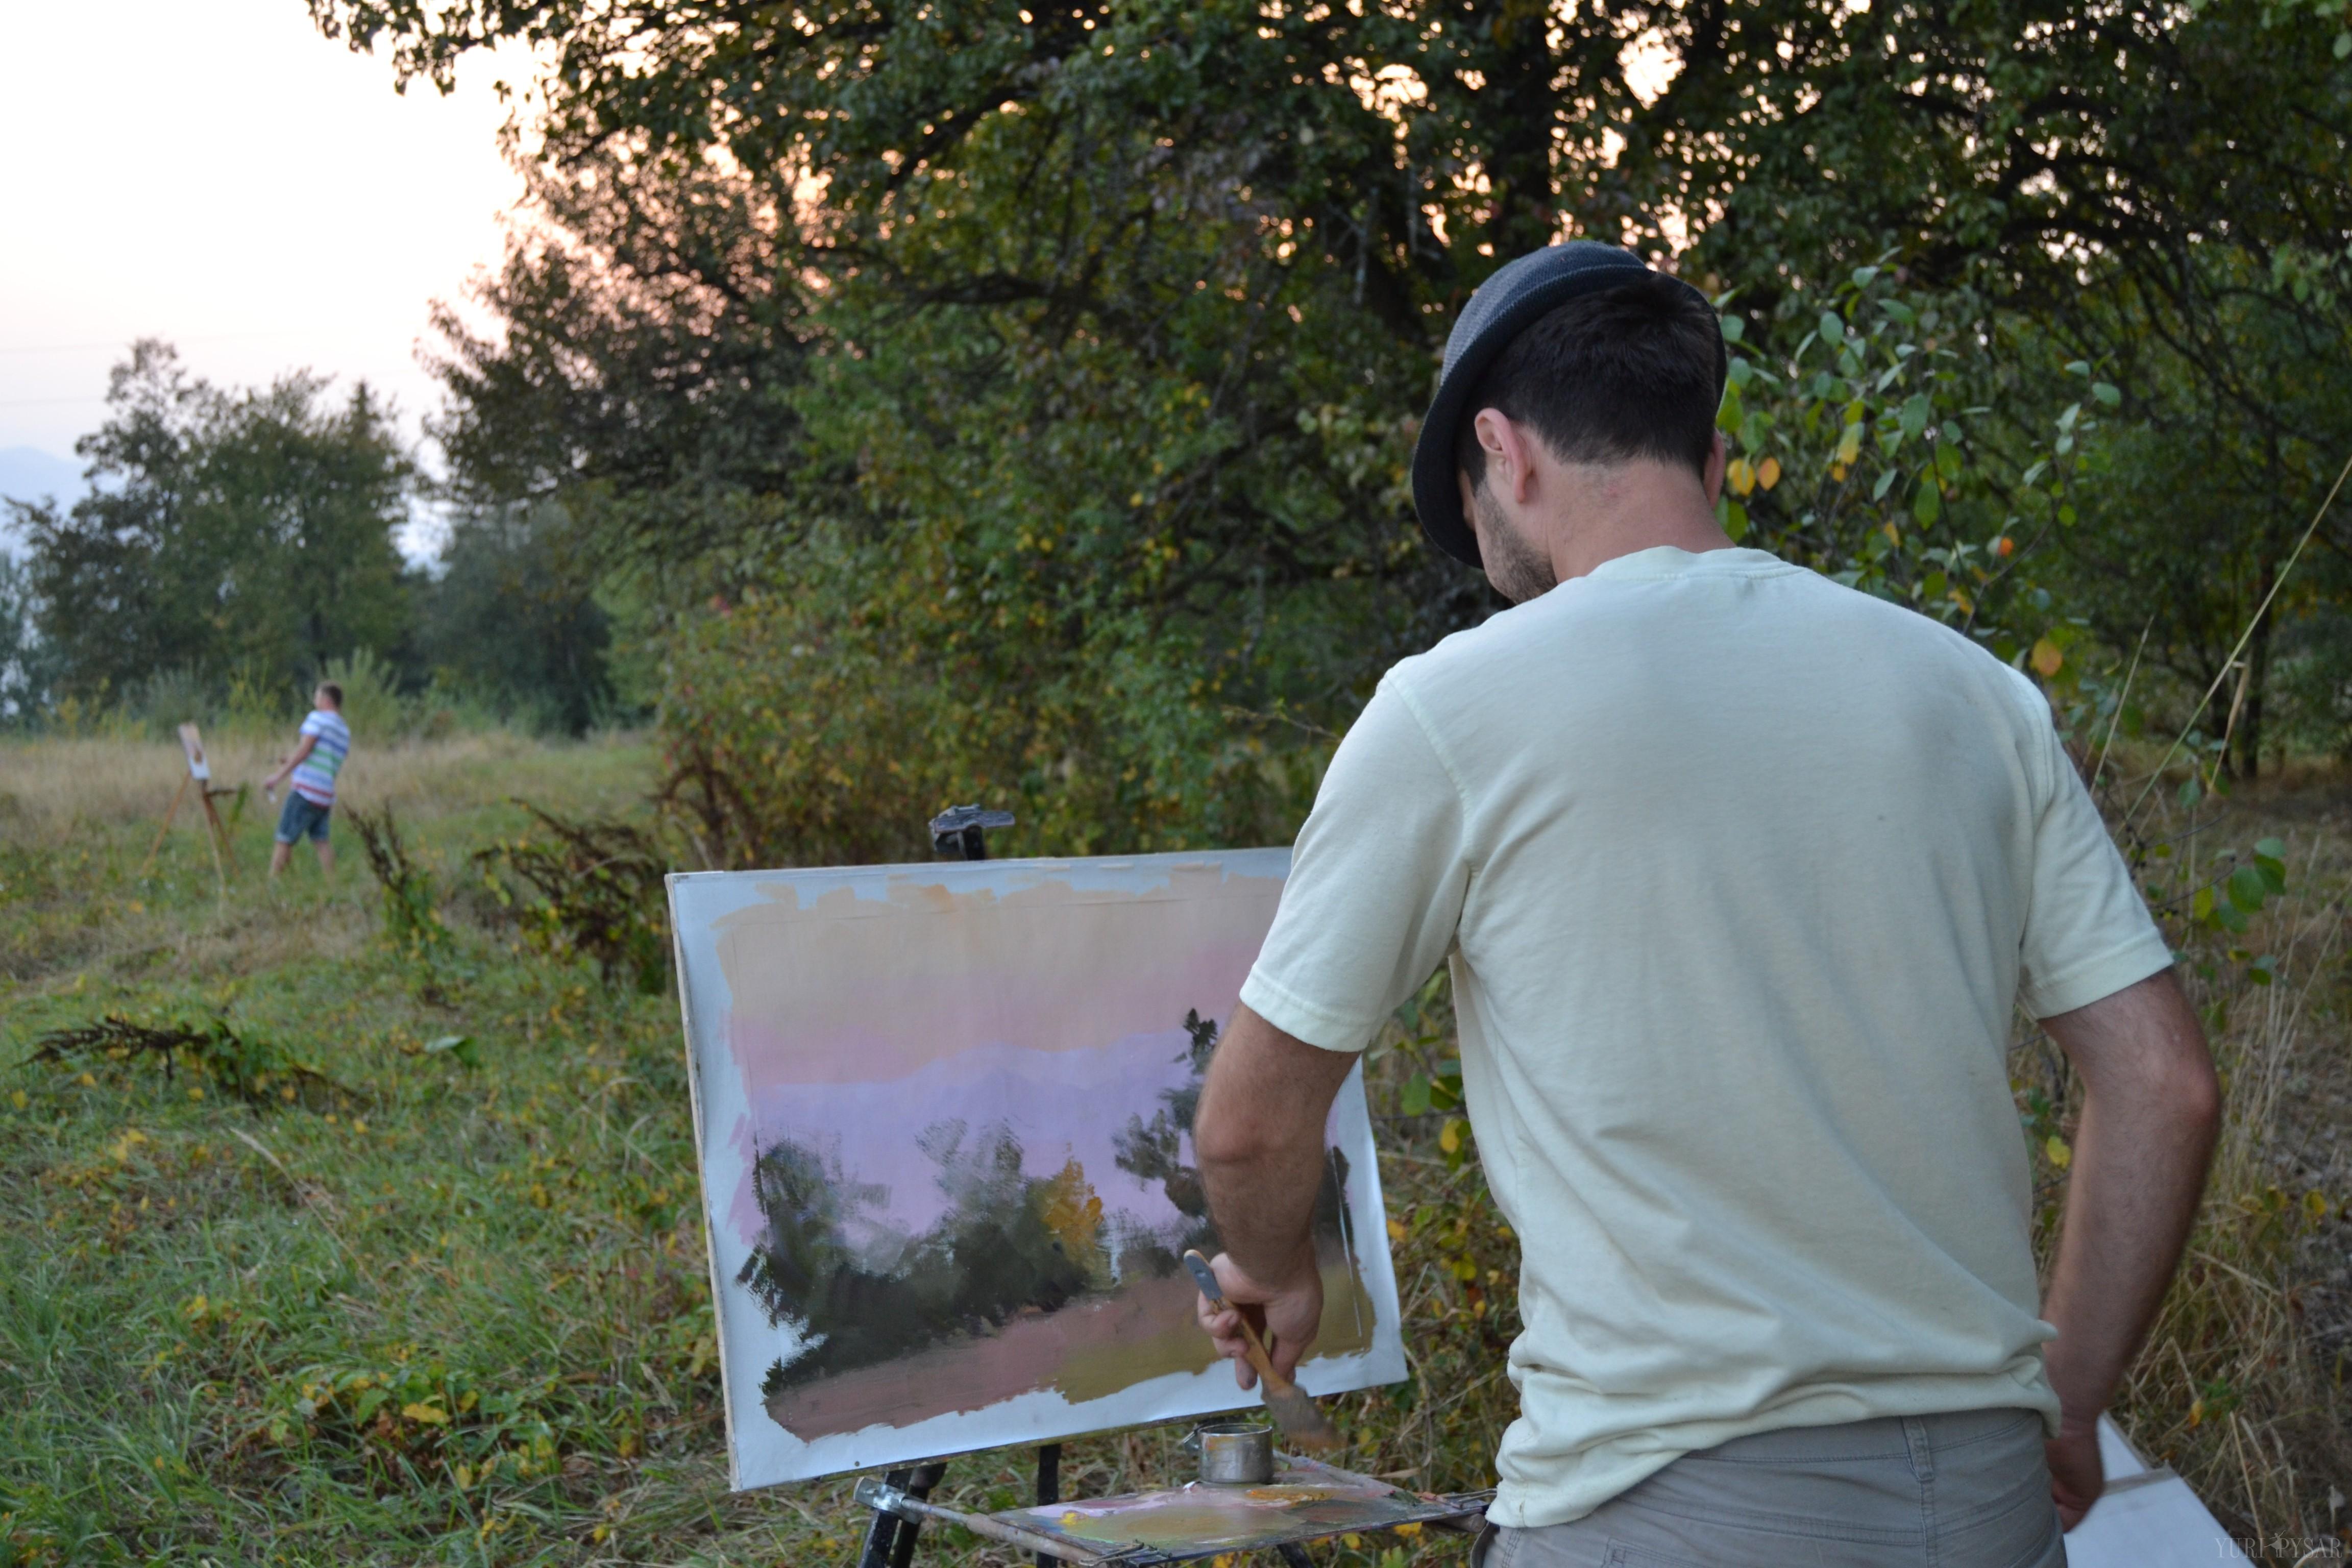 юрій писар на пленері, осінній пейзаж, картина